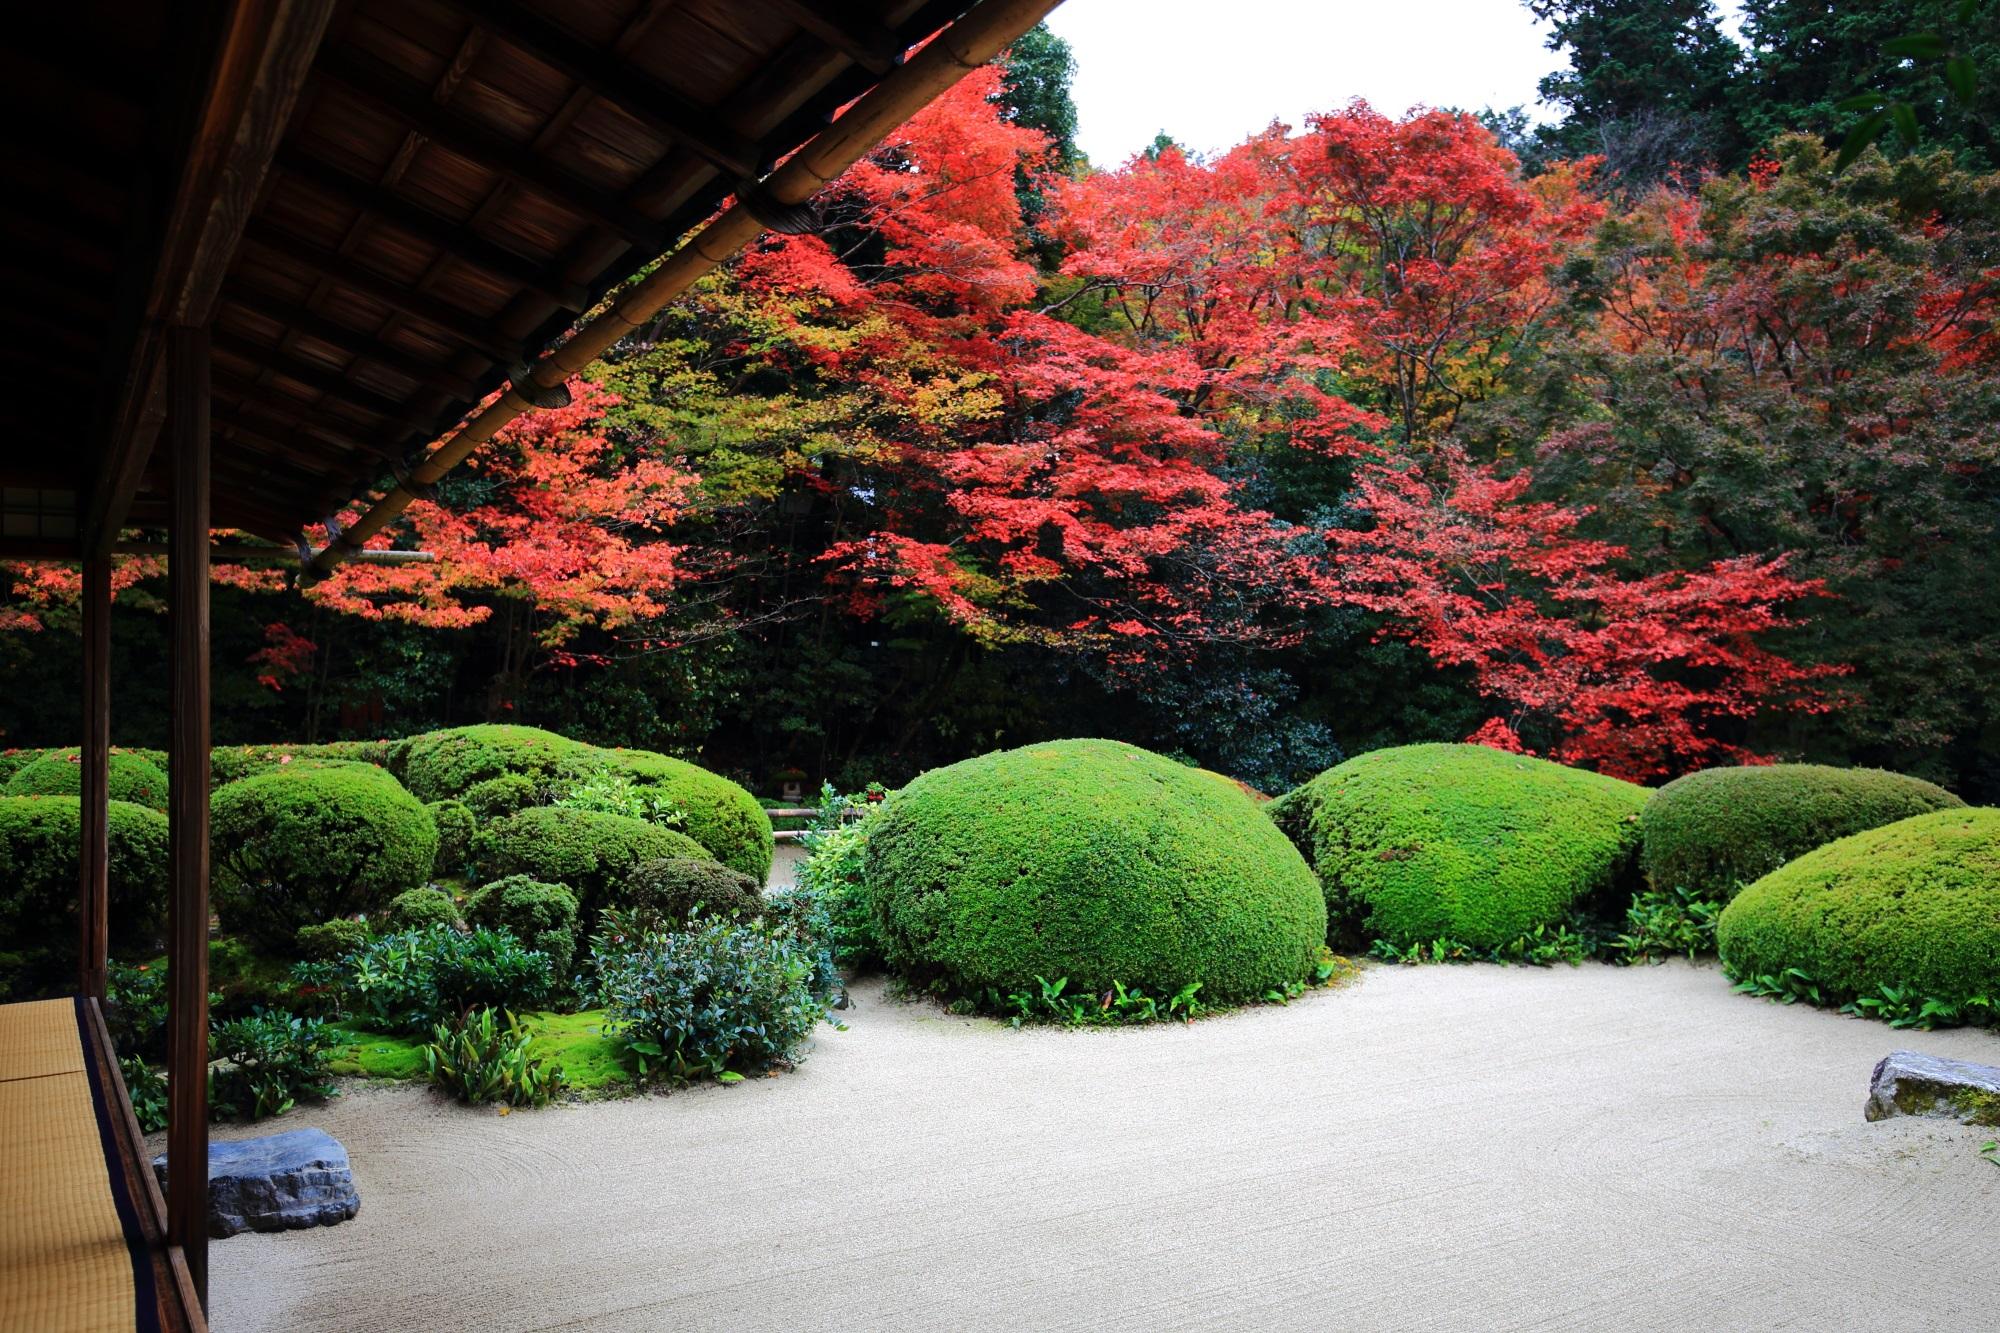 詩仙堂の美しい見ごろの紅葉